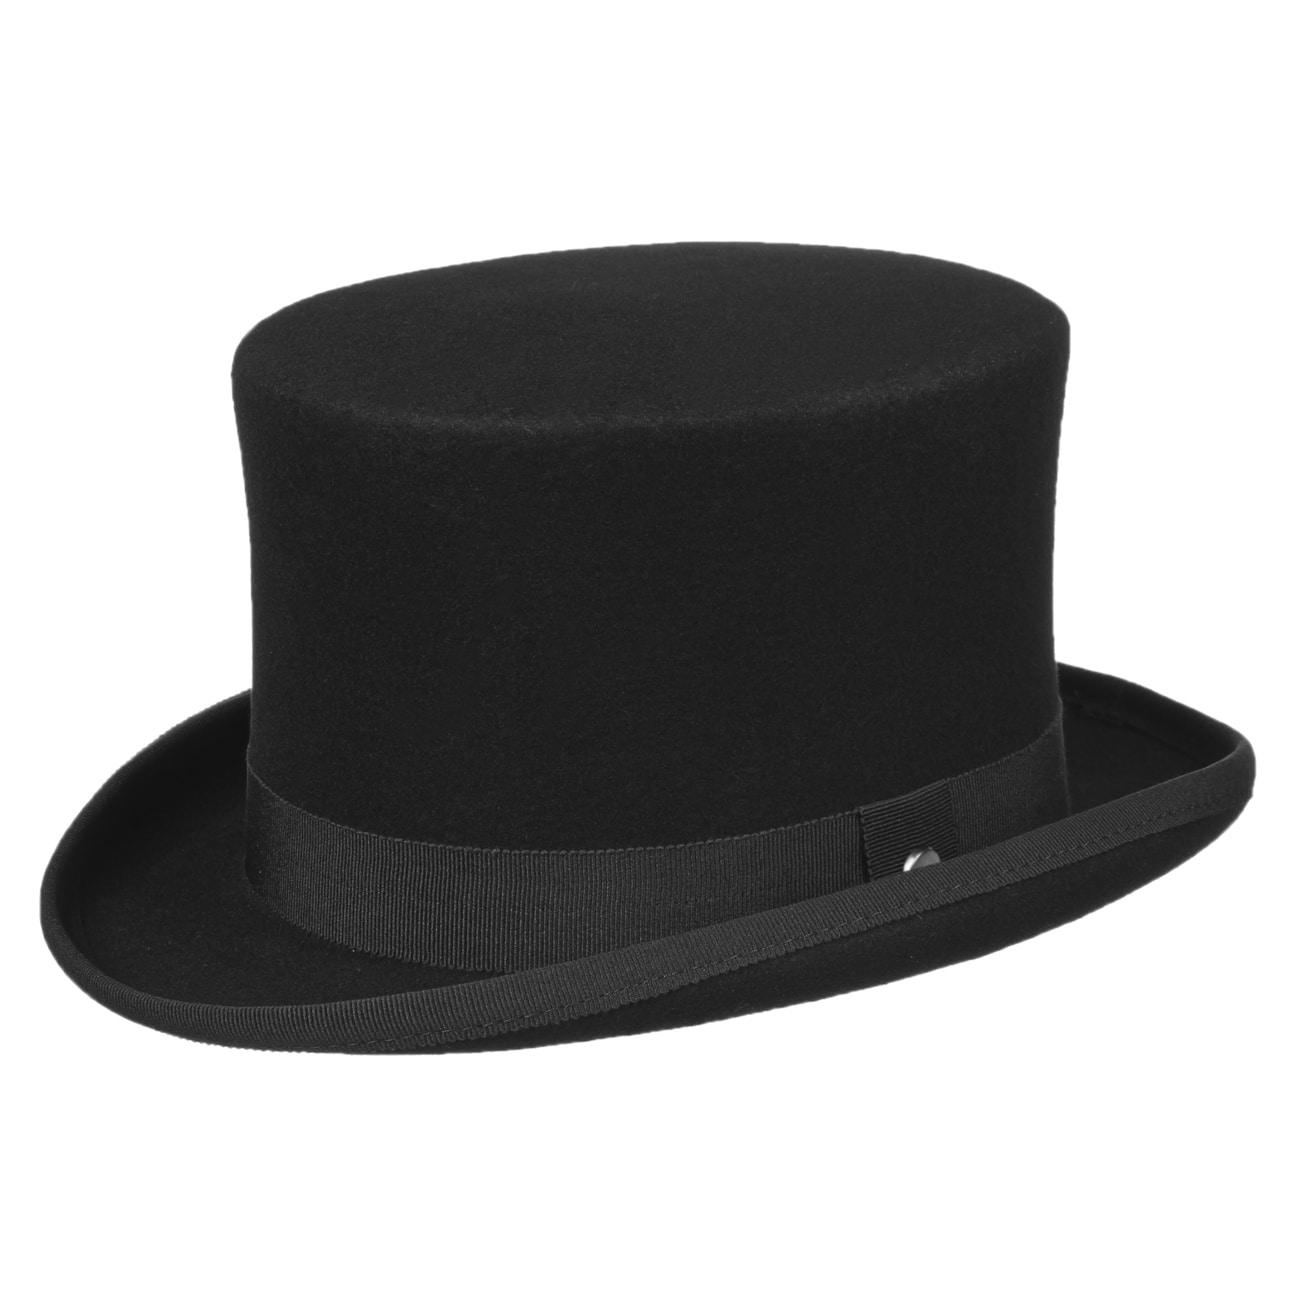 Sombrero de Copa Fieltro de Lana by Lierys  sombrero cil?ndrico